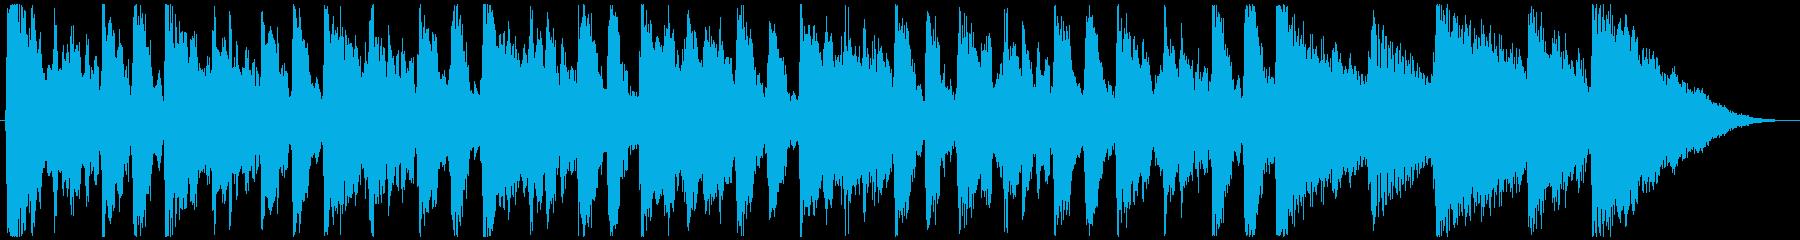 これは5/4拍子記号のラテンバイブ...の再生済みの波形